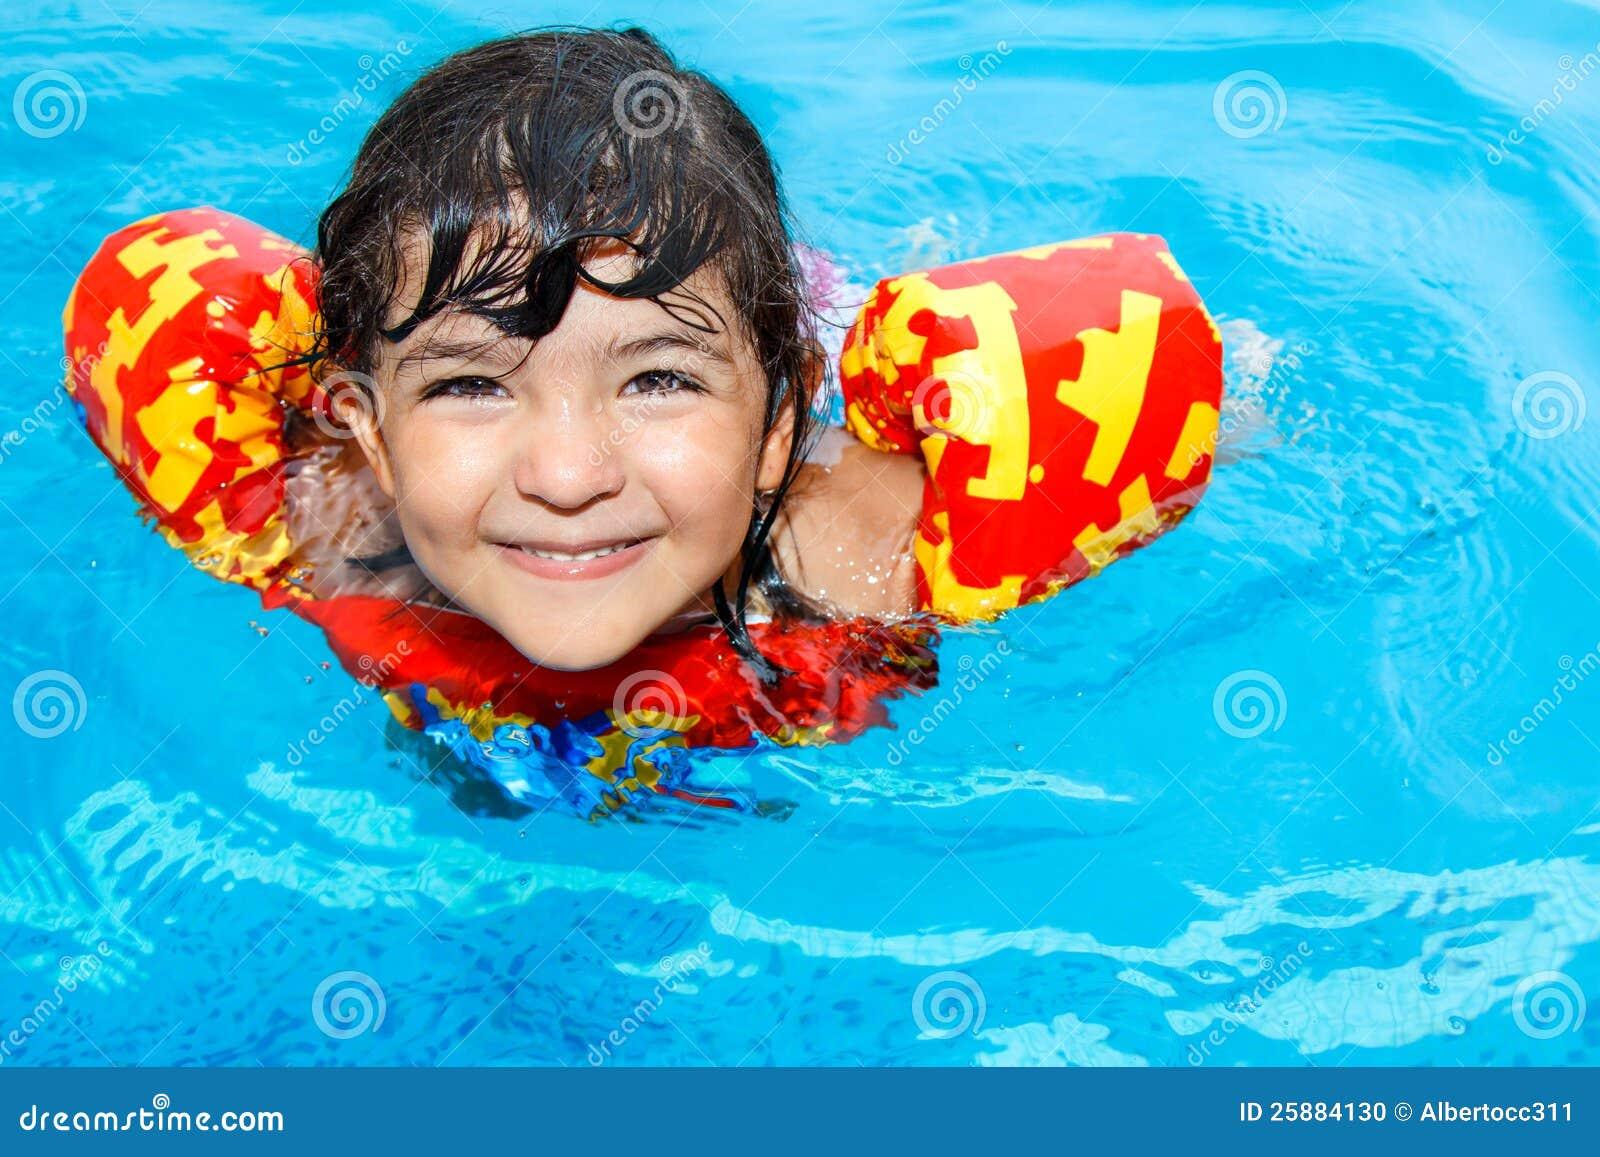 Happy little girl in pool